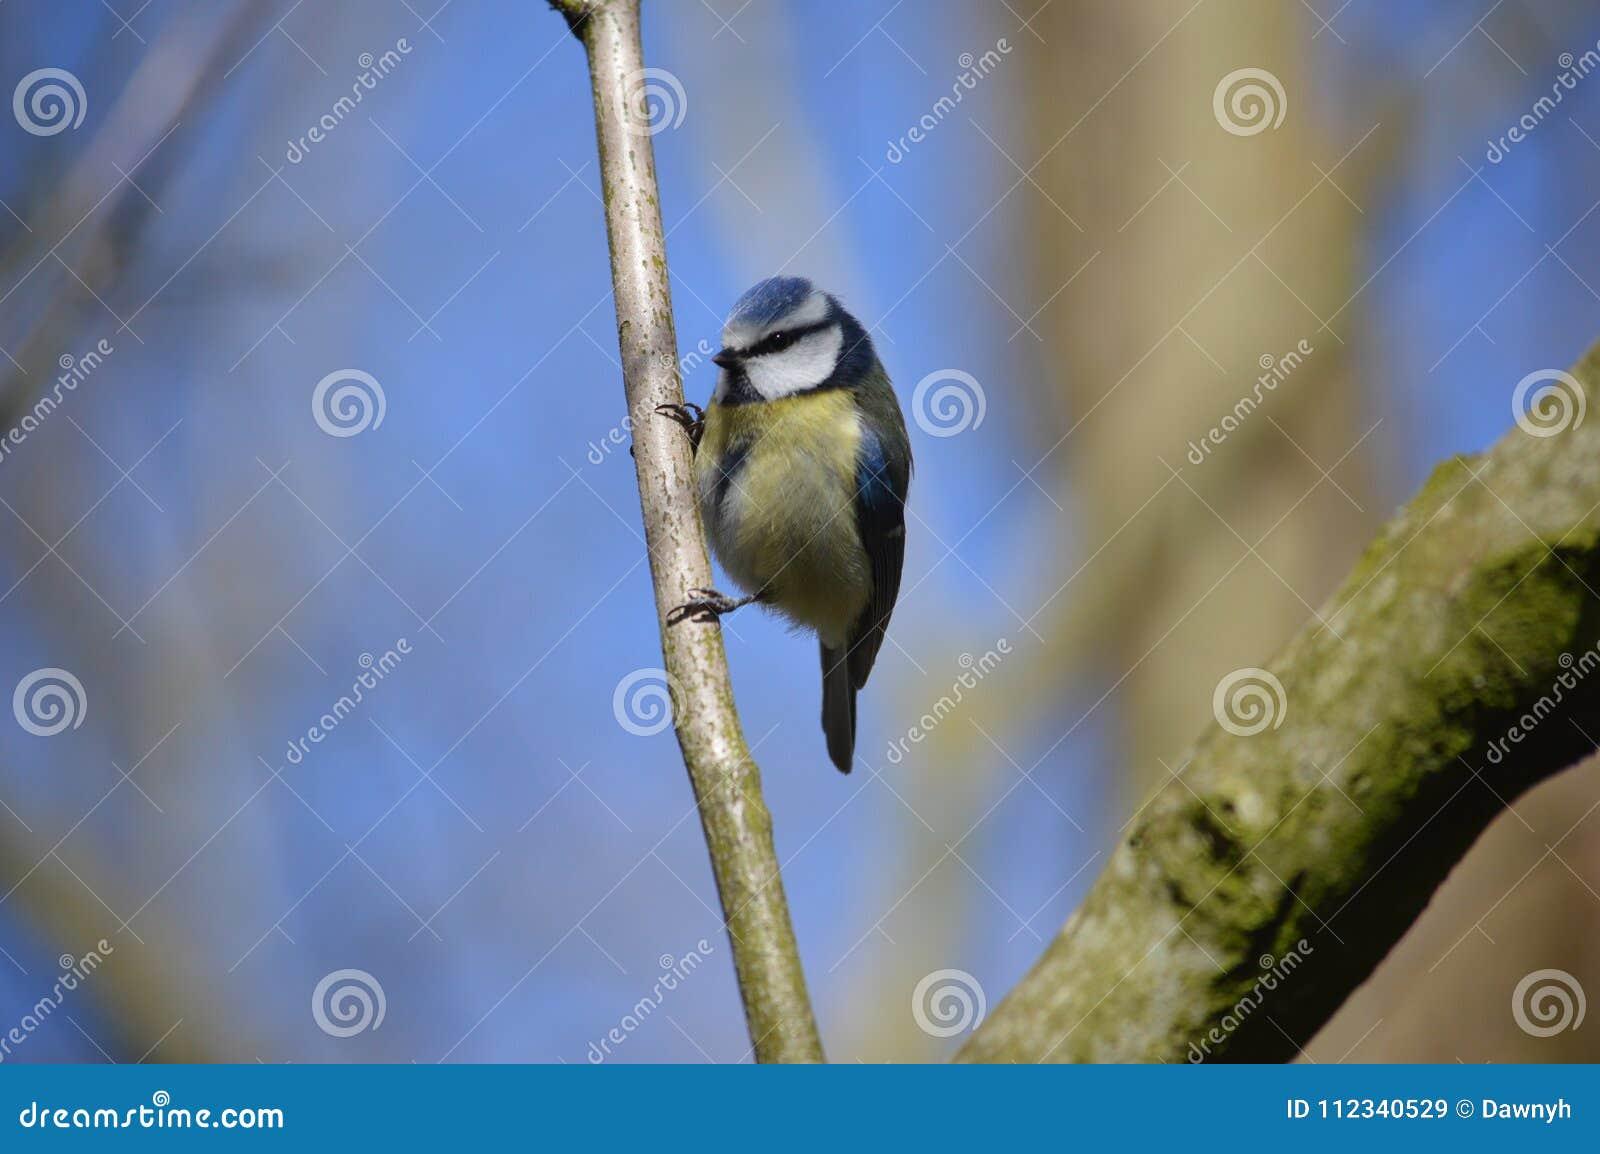 Blauwe die meesvogel in Blackpool, Lancashire, het UK wordt gefotografeerd